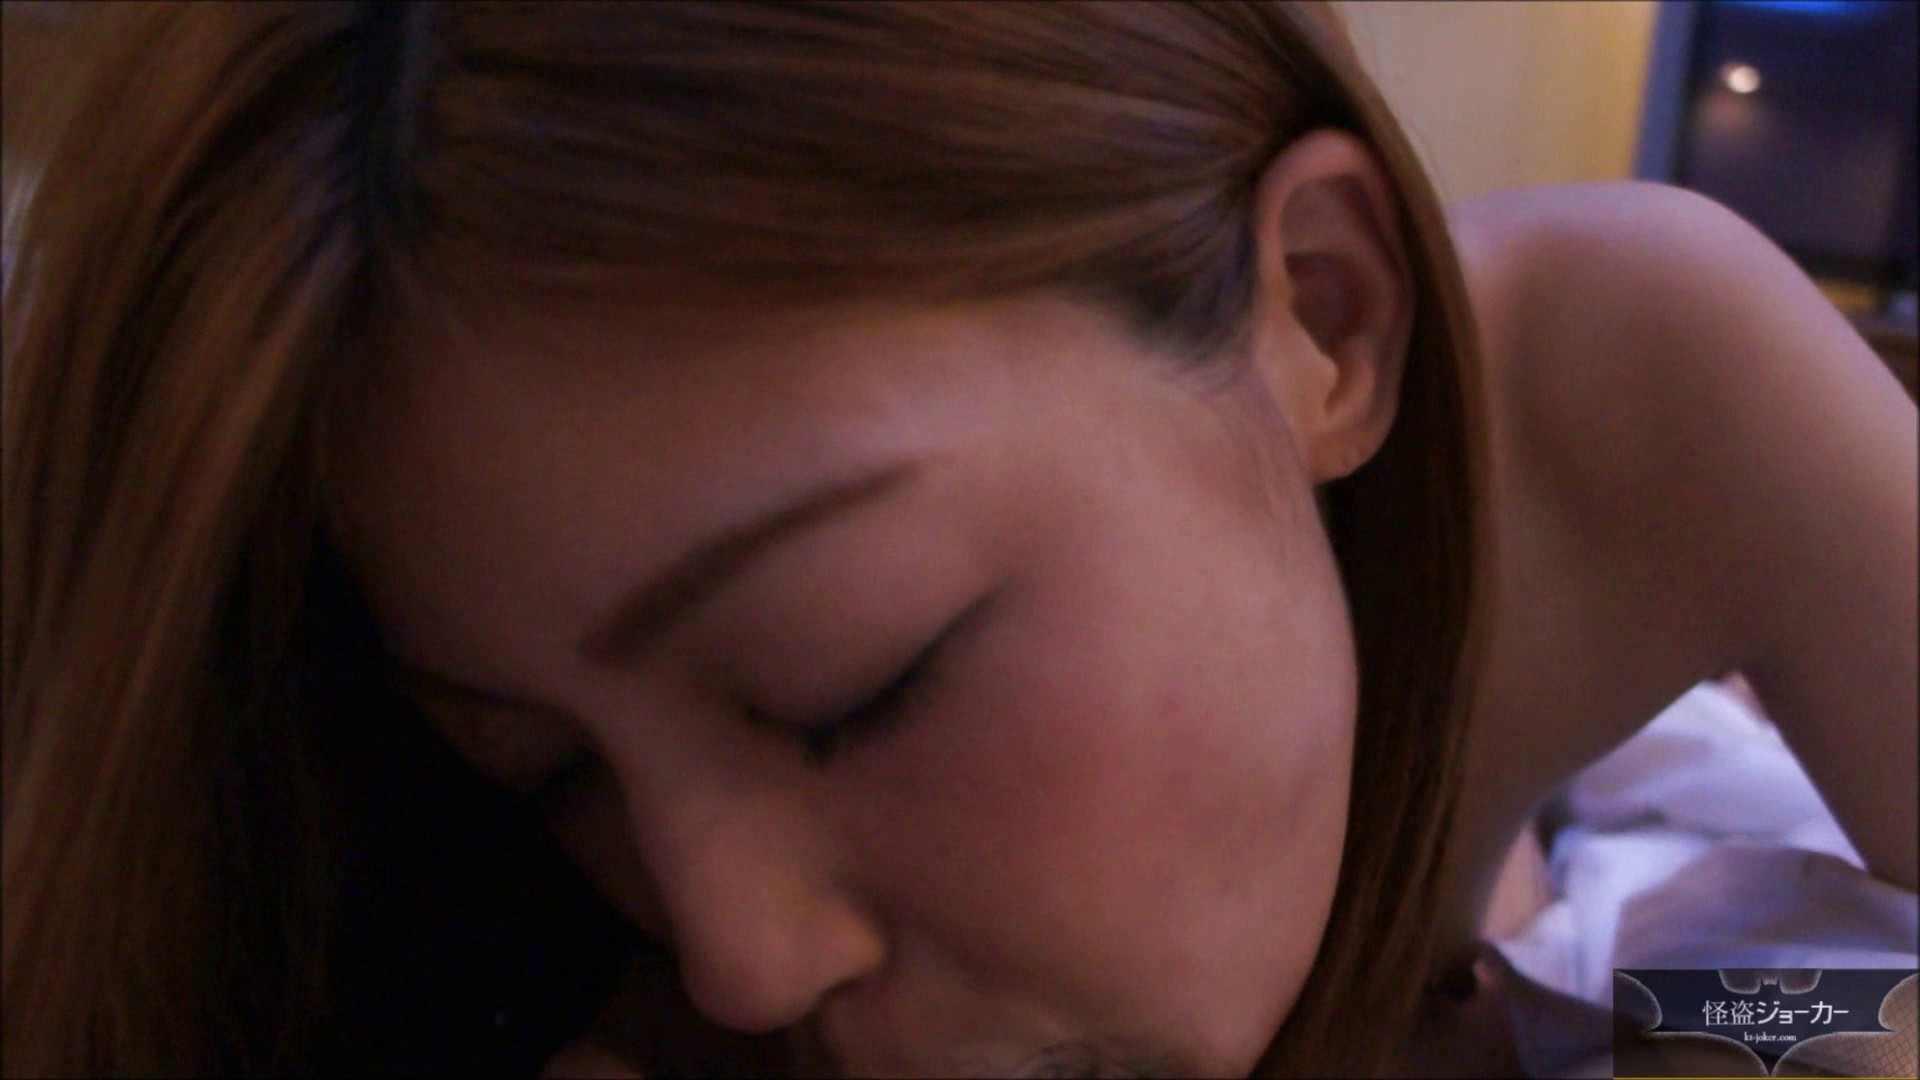 【未公開】vol.9 セレブ美魔女・ユキさんとの1年ぶりに会った日。 丸見え   高画質動画  96画像 49